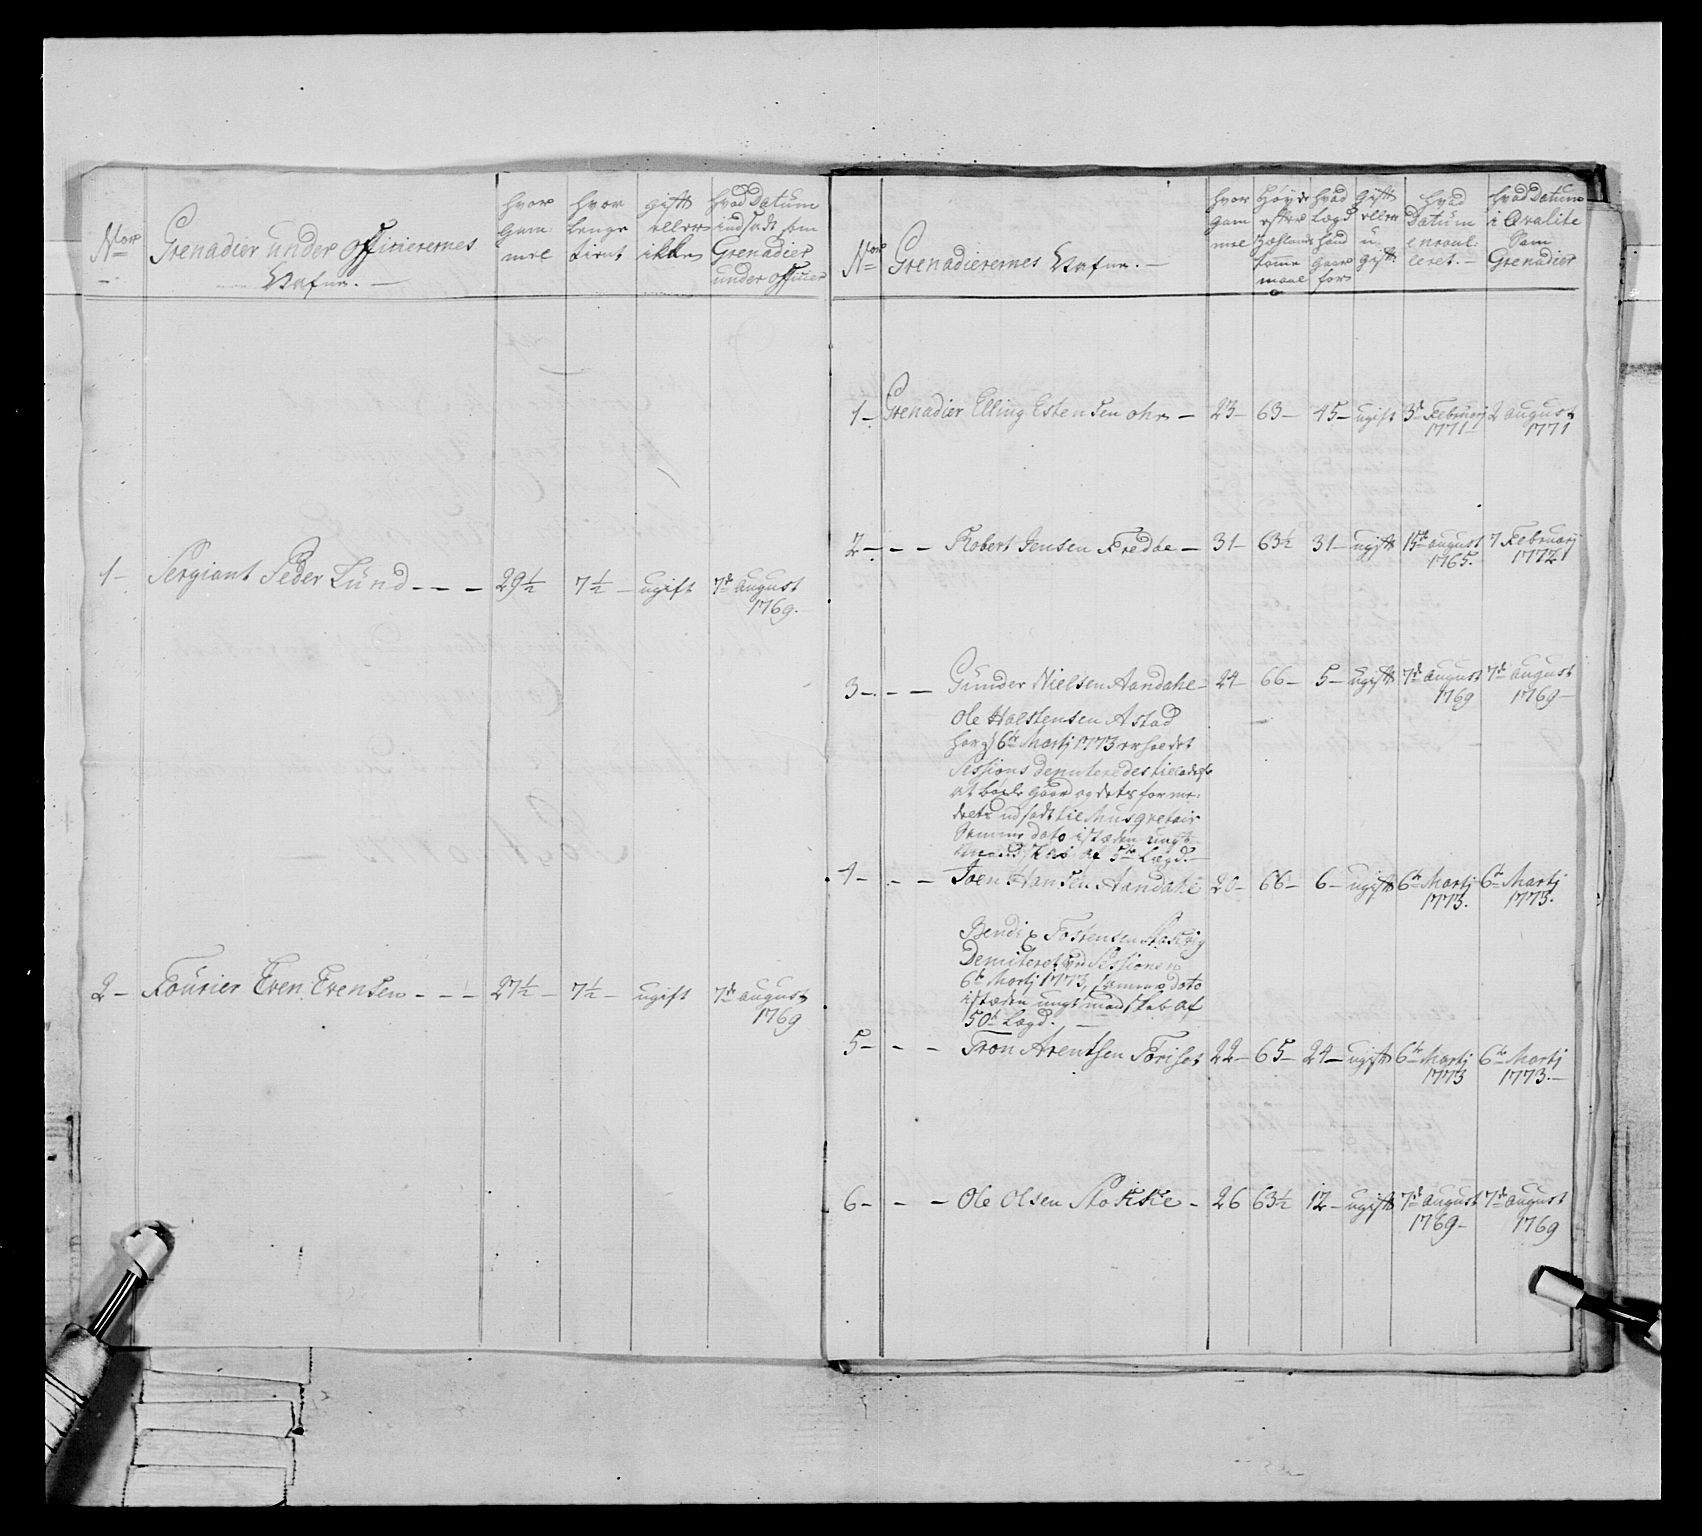 RA, Generalitets- og kommissariatskollegiet, Det kongelige norske kommissariatskollegium, E/Eh/L0076: 2. Trondheimske nasjonale infanteriregiment, 1766-1773, s. 306